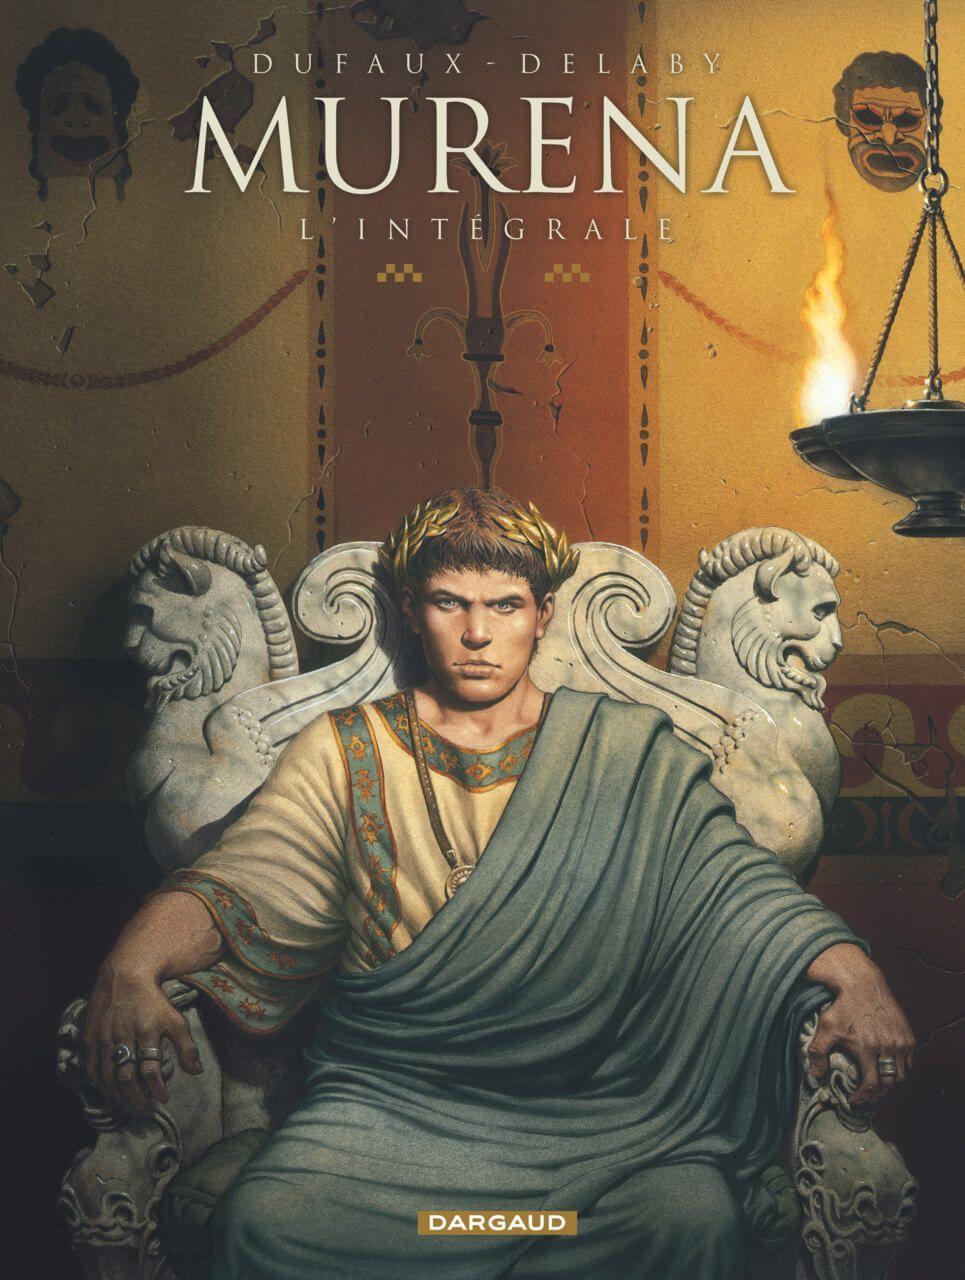 Murena cómic histórico Nerón